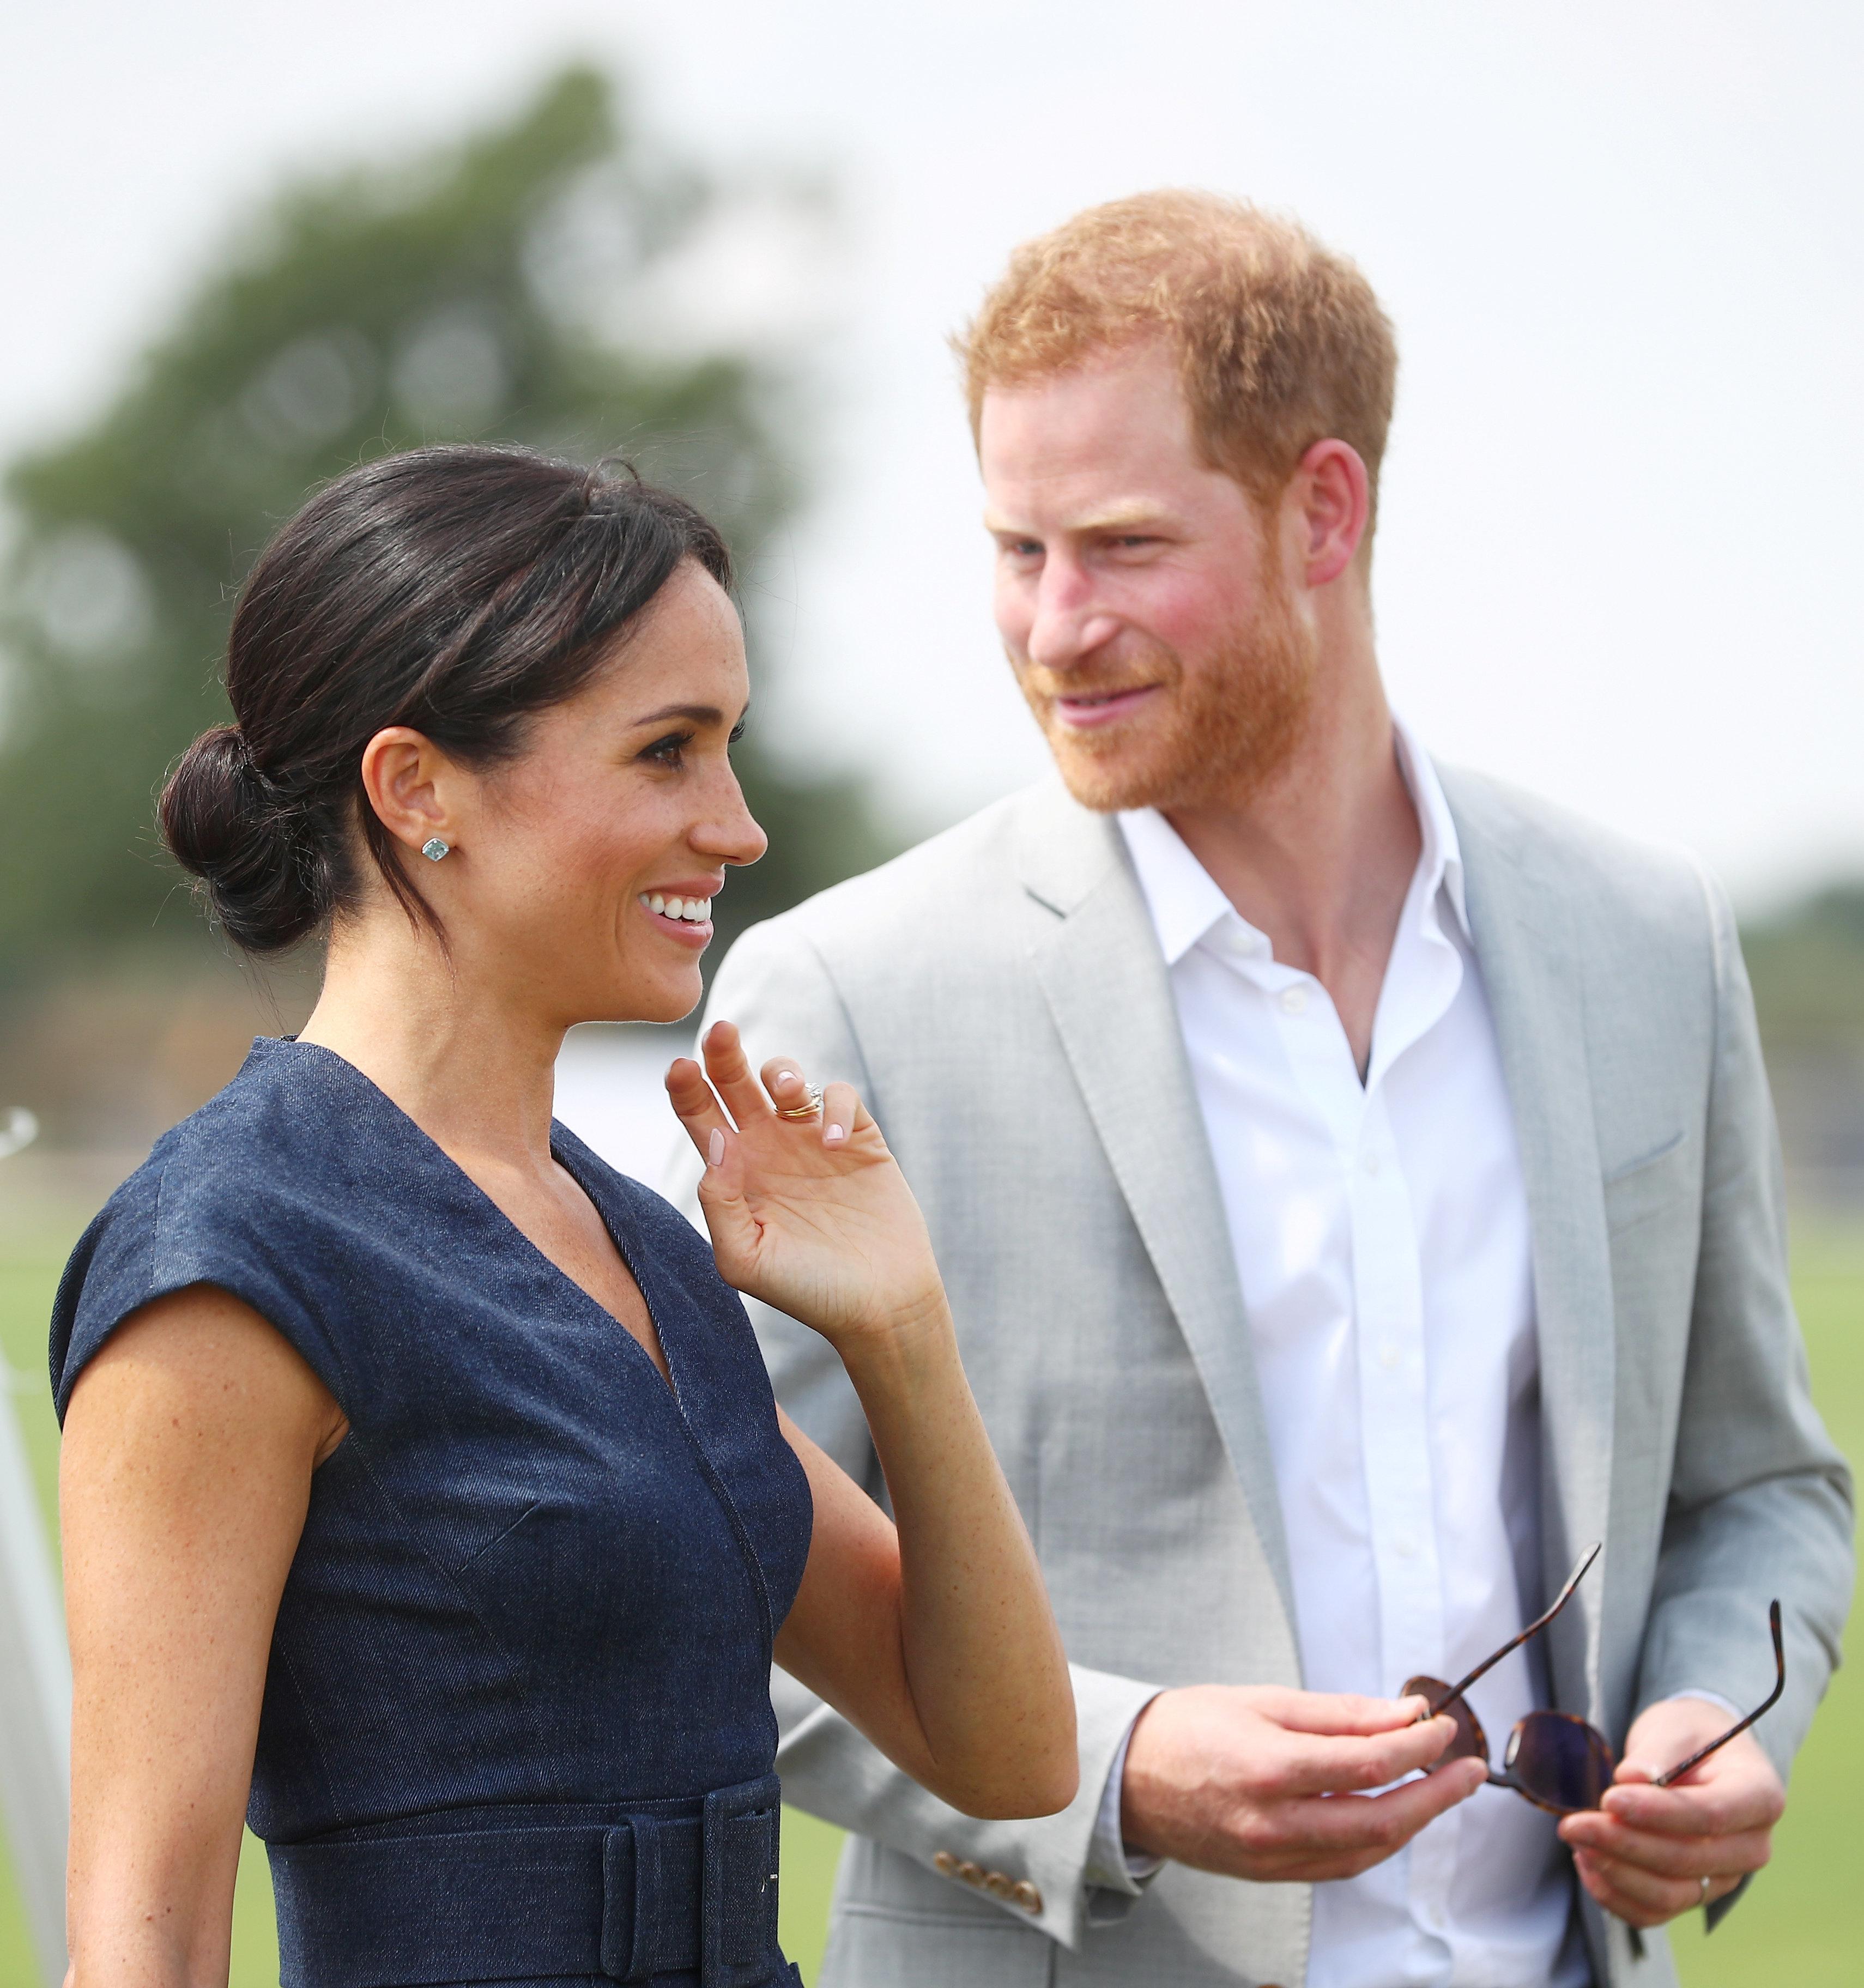 Meghan und Harry privat im Park? Deshalb rasten die Briten jetzt